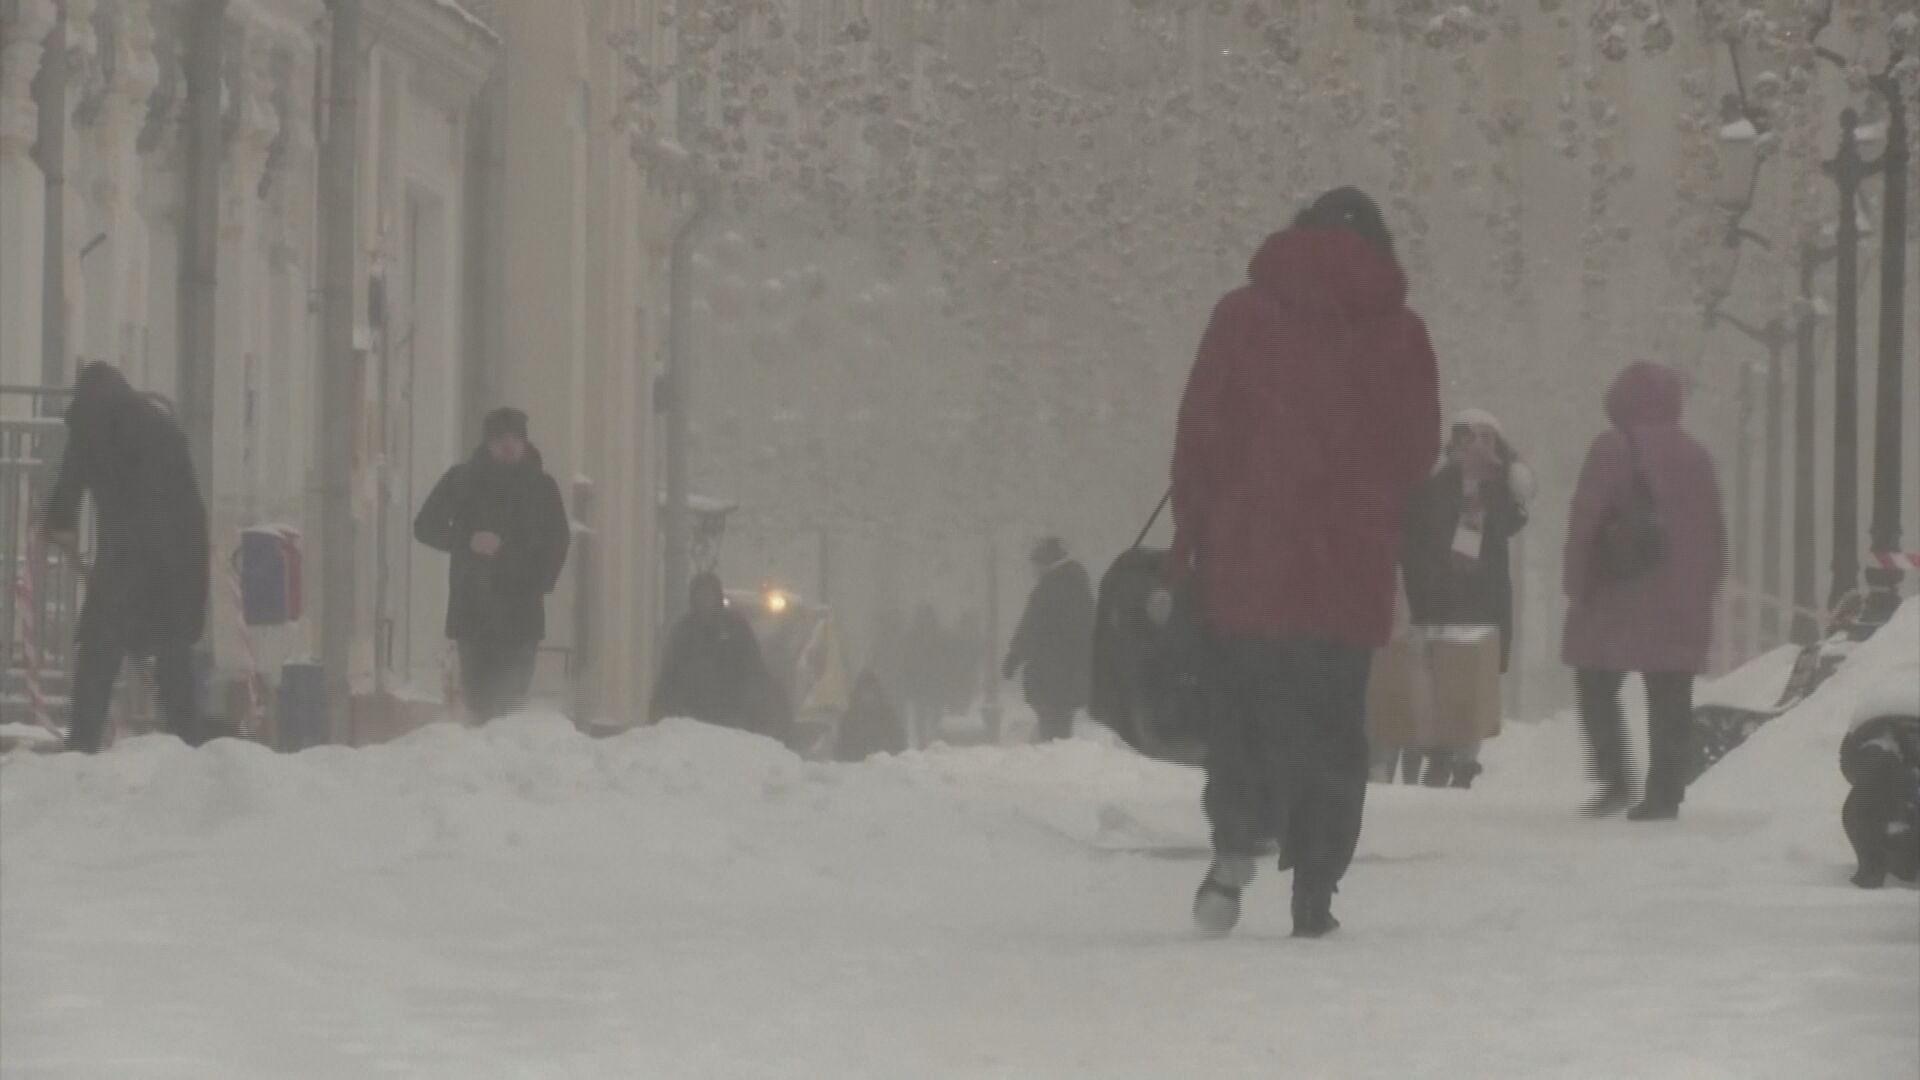 Neve derruba temperatura em Moscou e causa transtornos no trânsito (12.fev.2021)